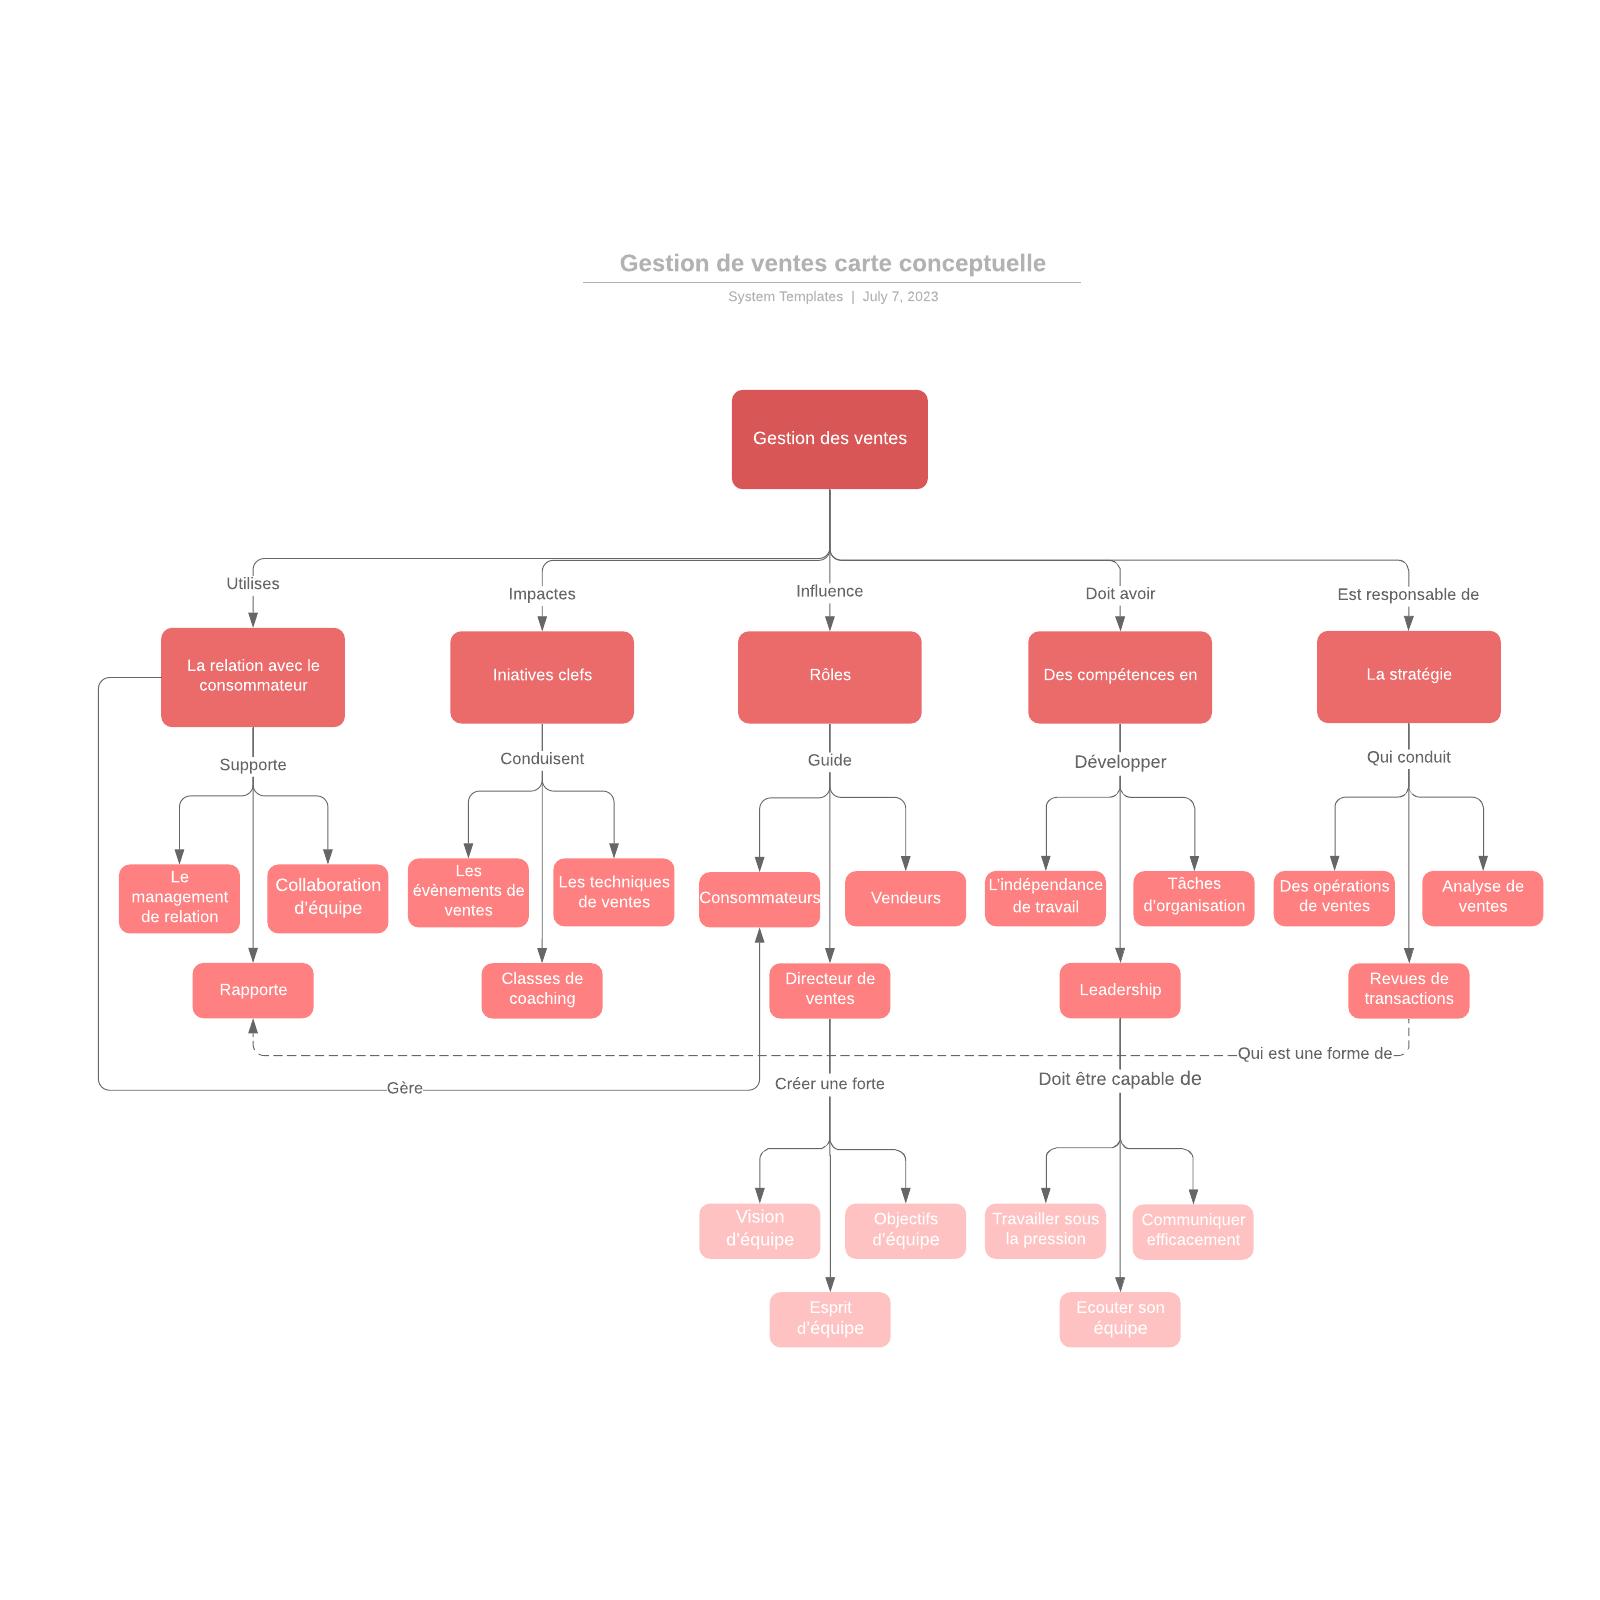 exemple de carte conceptuelle de gestion des ventes